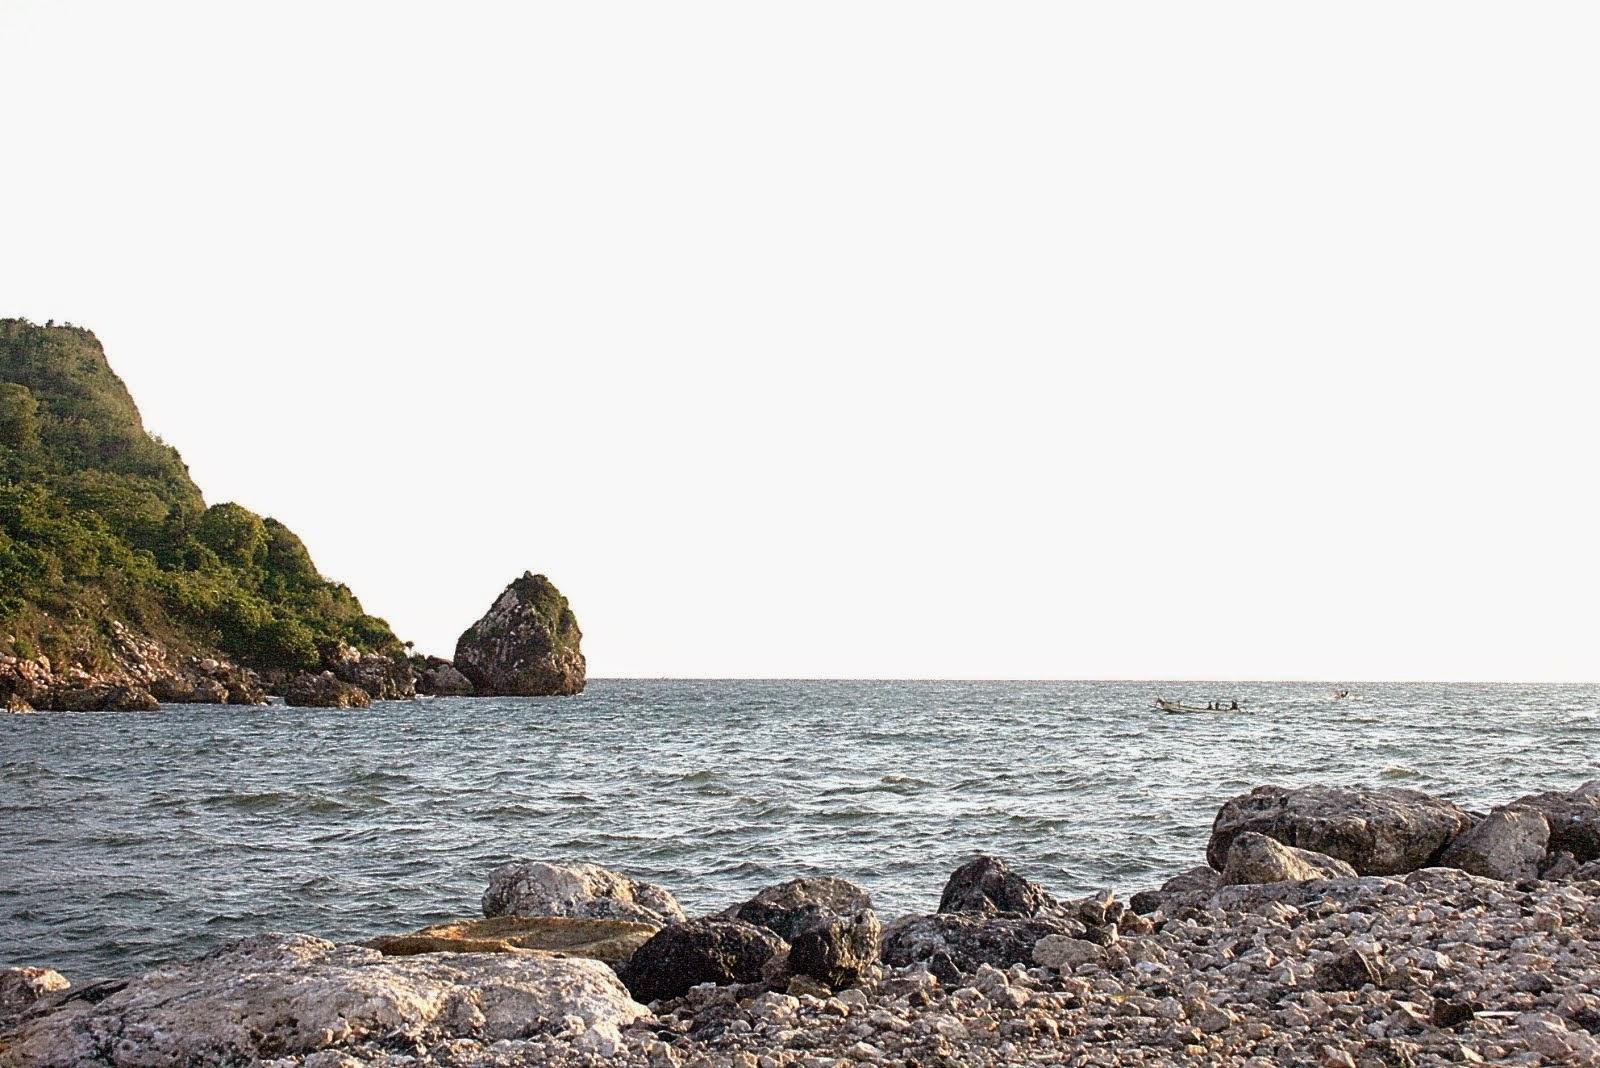 Kub Mina Jaya Potensi Wisata Alam Pantai Selatan Kabupaten Jember